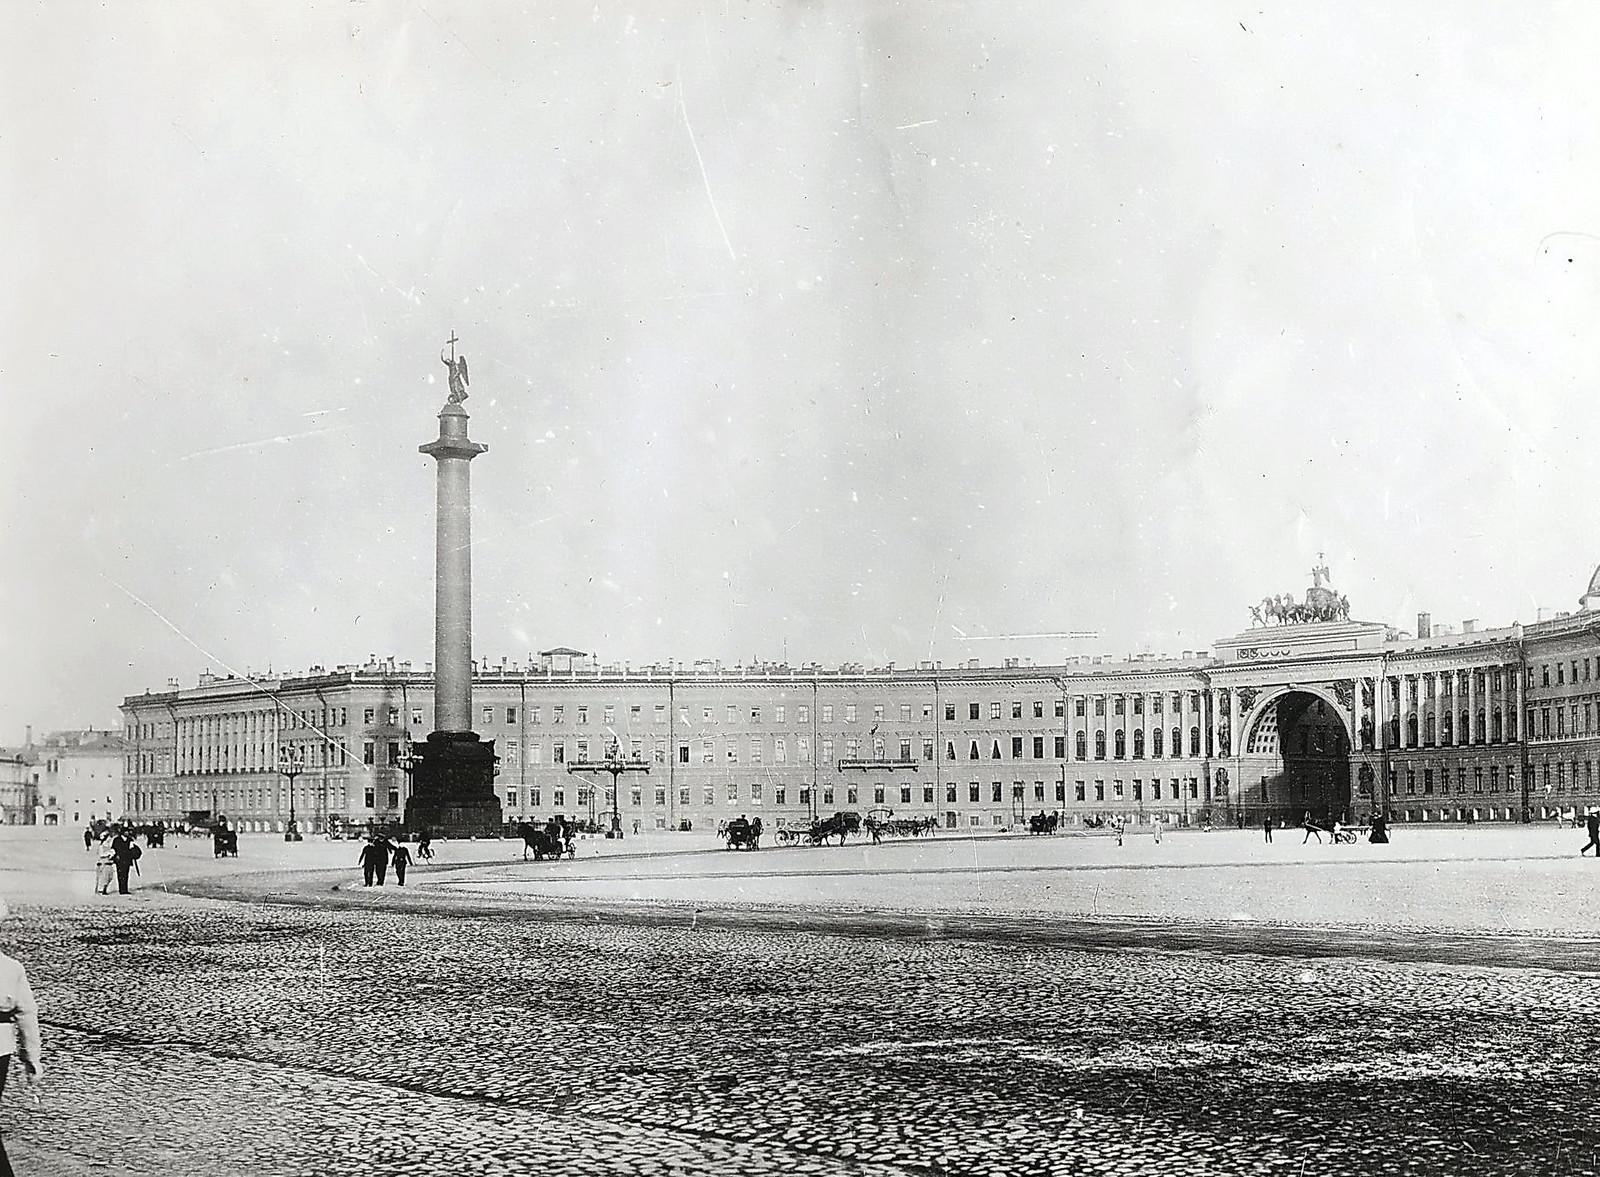 1906. Дворцовая площадь, здание Главного штаба и колонна Александра I (вариант)